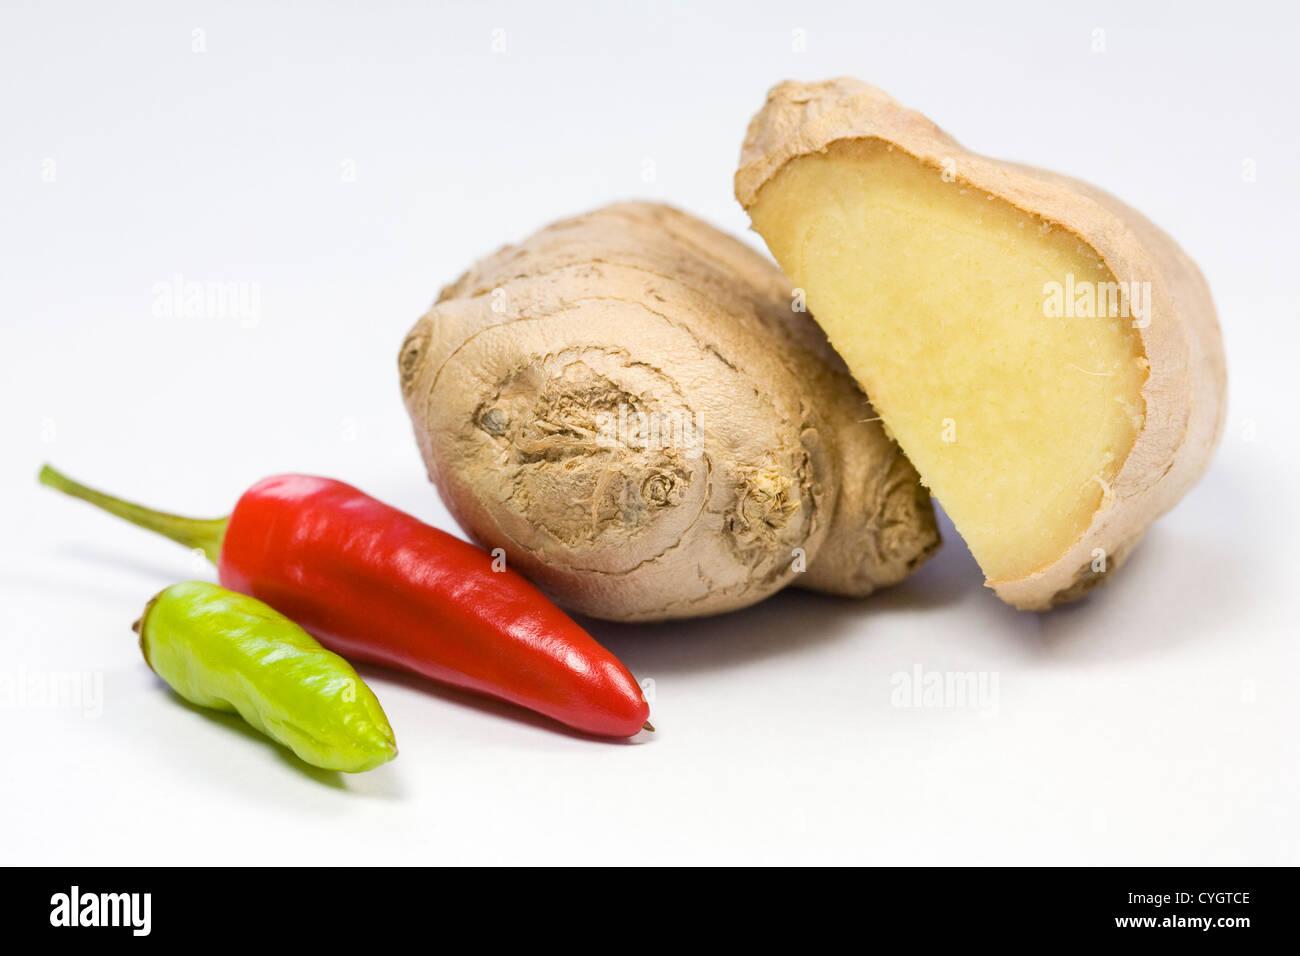 Una selezione di fresche delizie condimenti contro uno sfondo bianco. Foto Stock